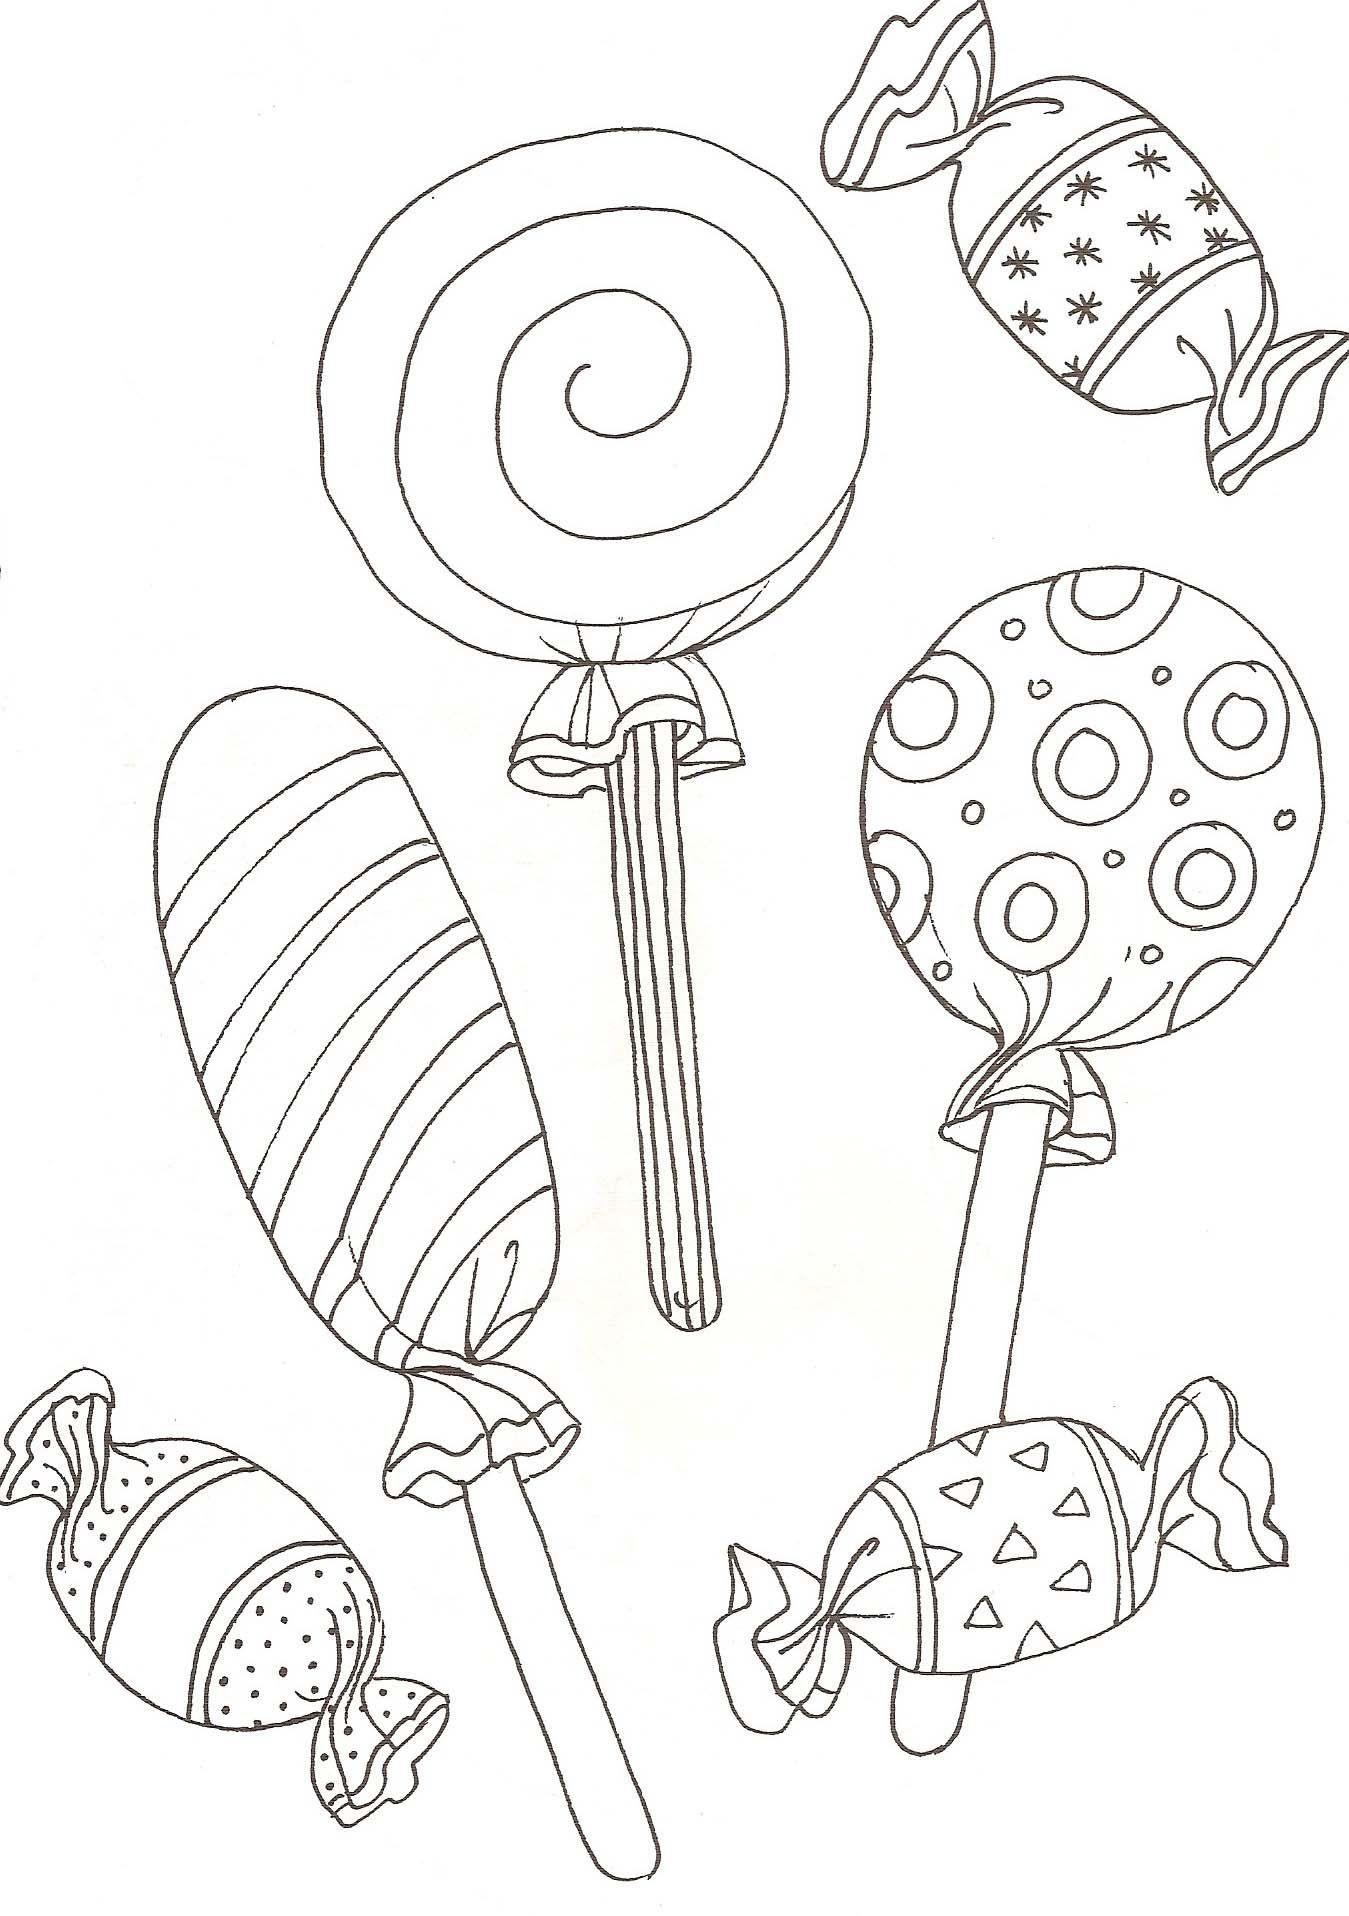 Coloriage Sucette Coeur.Pin By Sonyrose On Coloriages Pour Adultes Et Enfants Candy